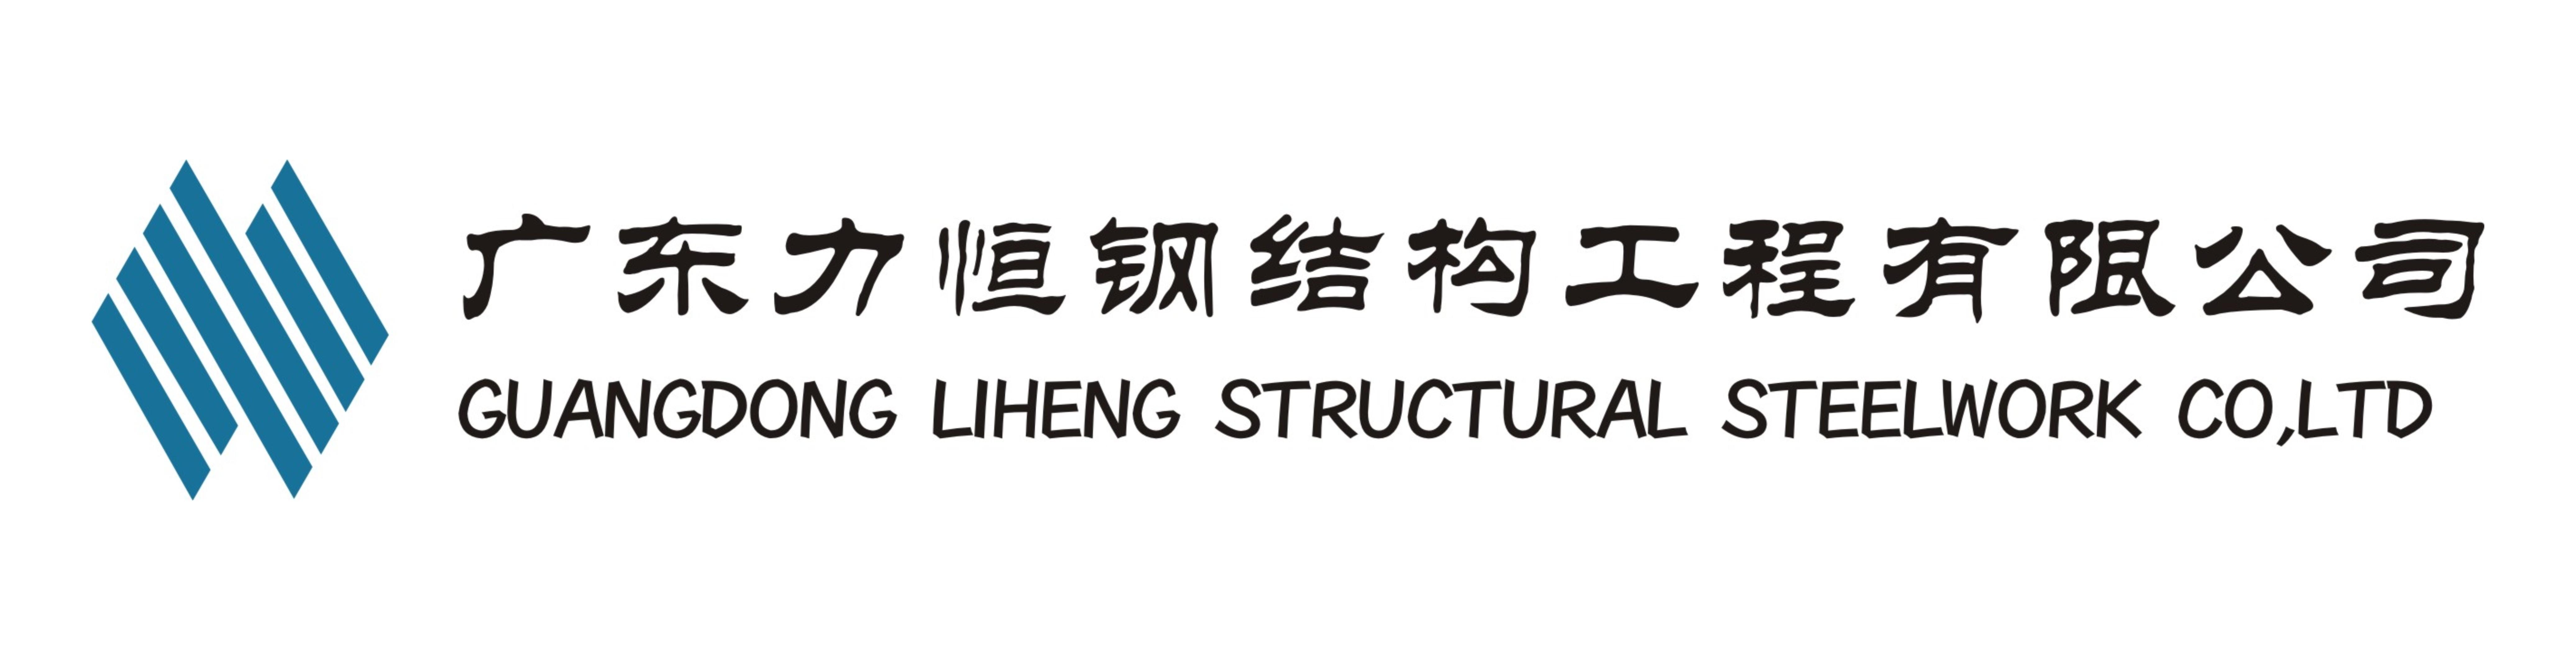 廣東力恒鋼結構工程有限公司